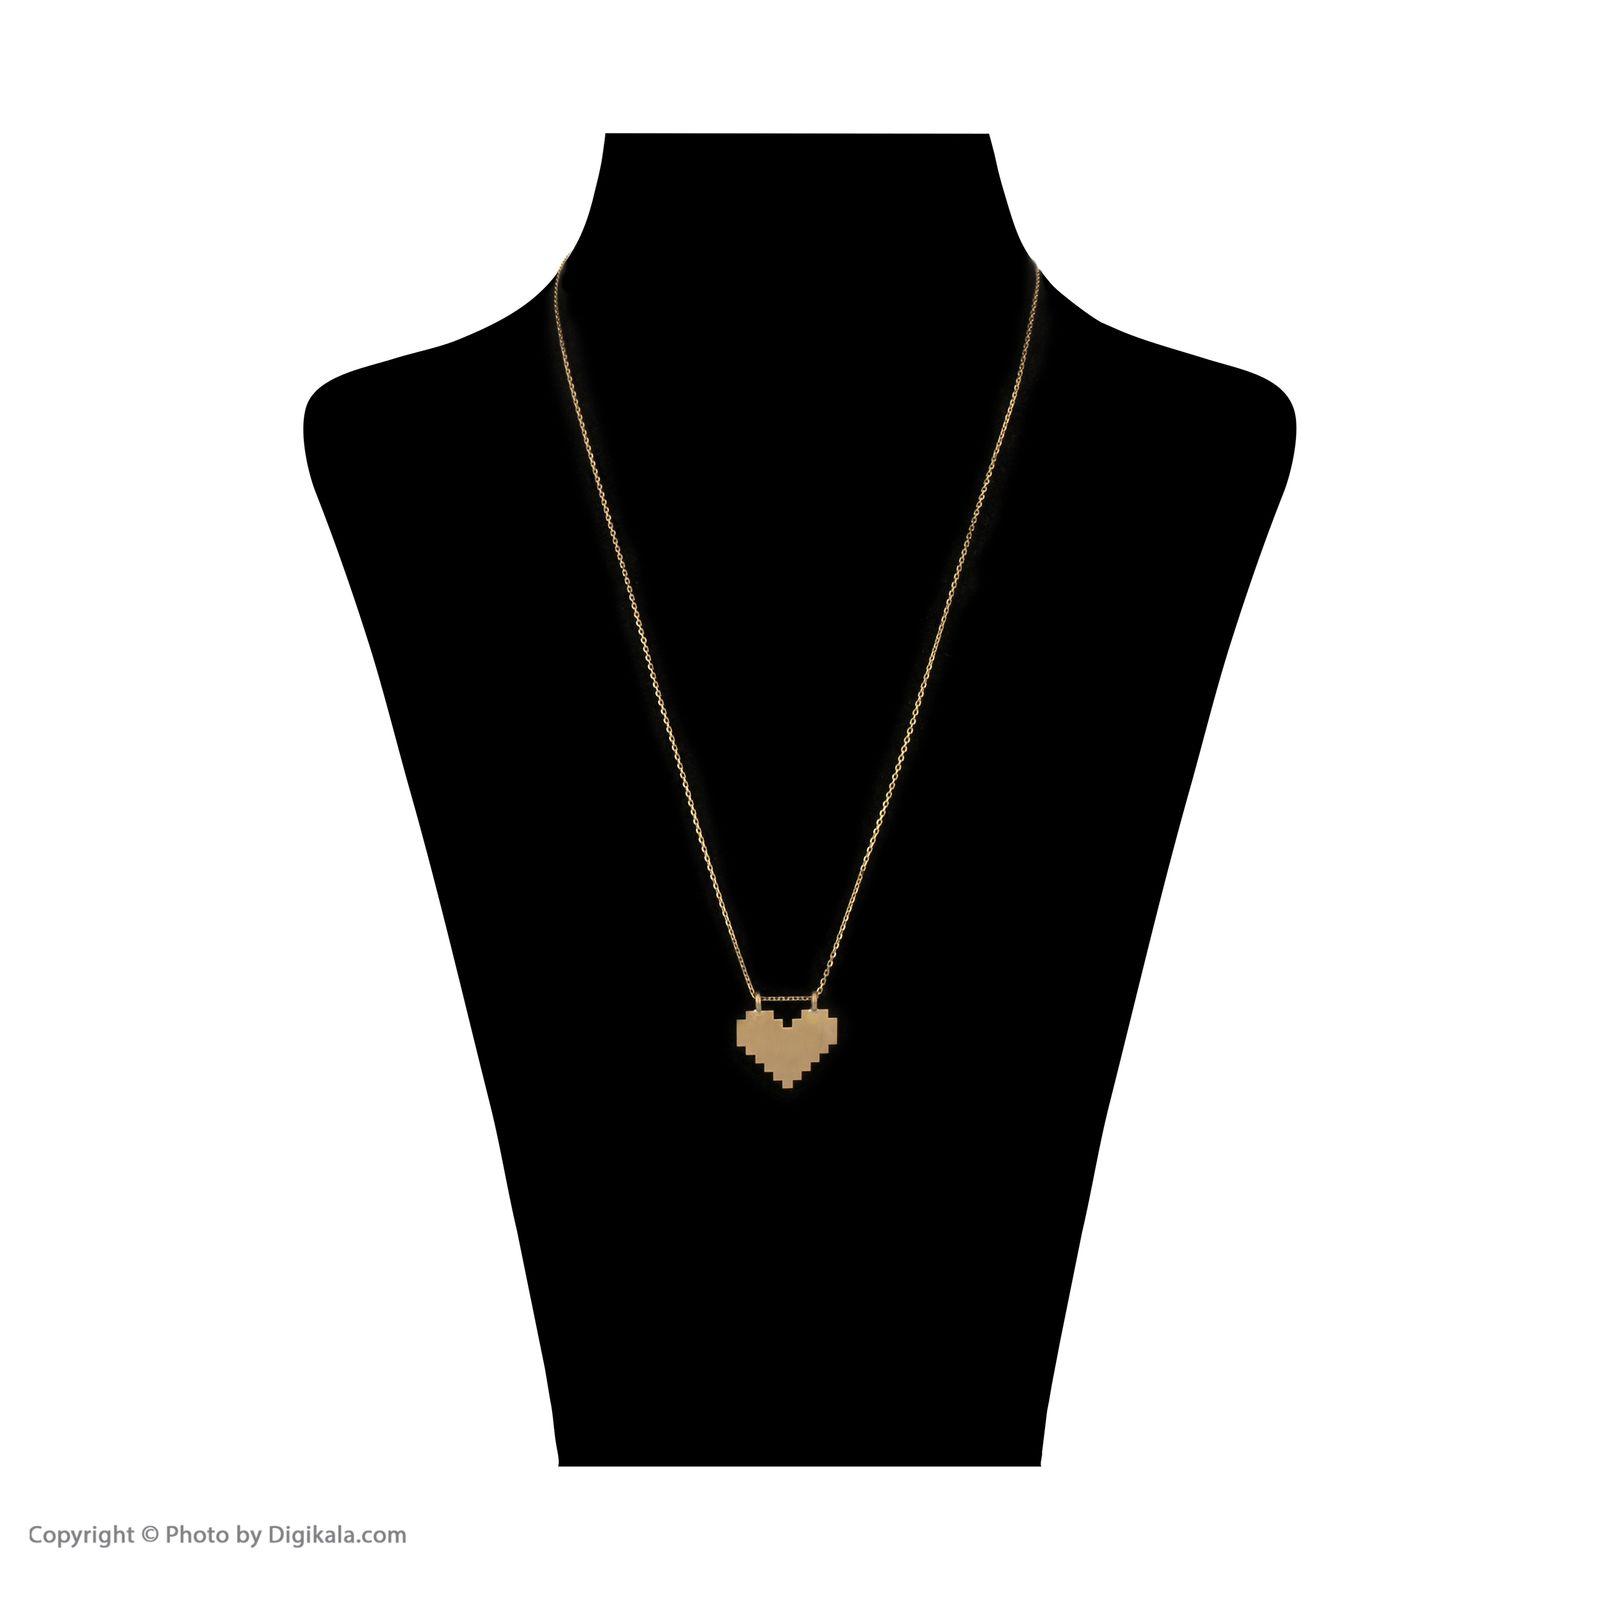 گردنبند طلا 18 عیار زنانه سنجاق مدل X083679 -  - 2